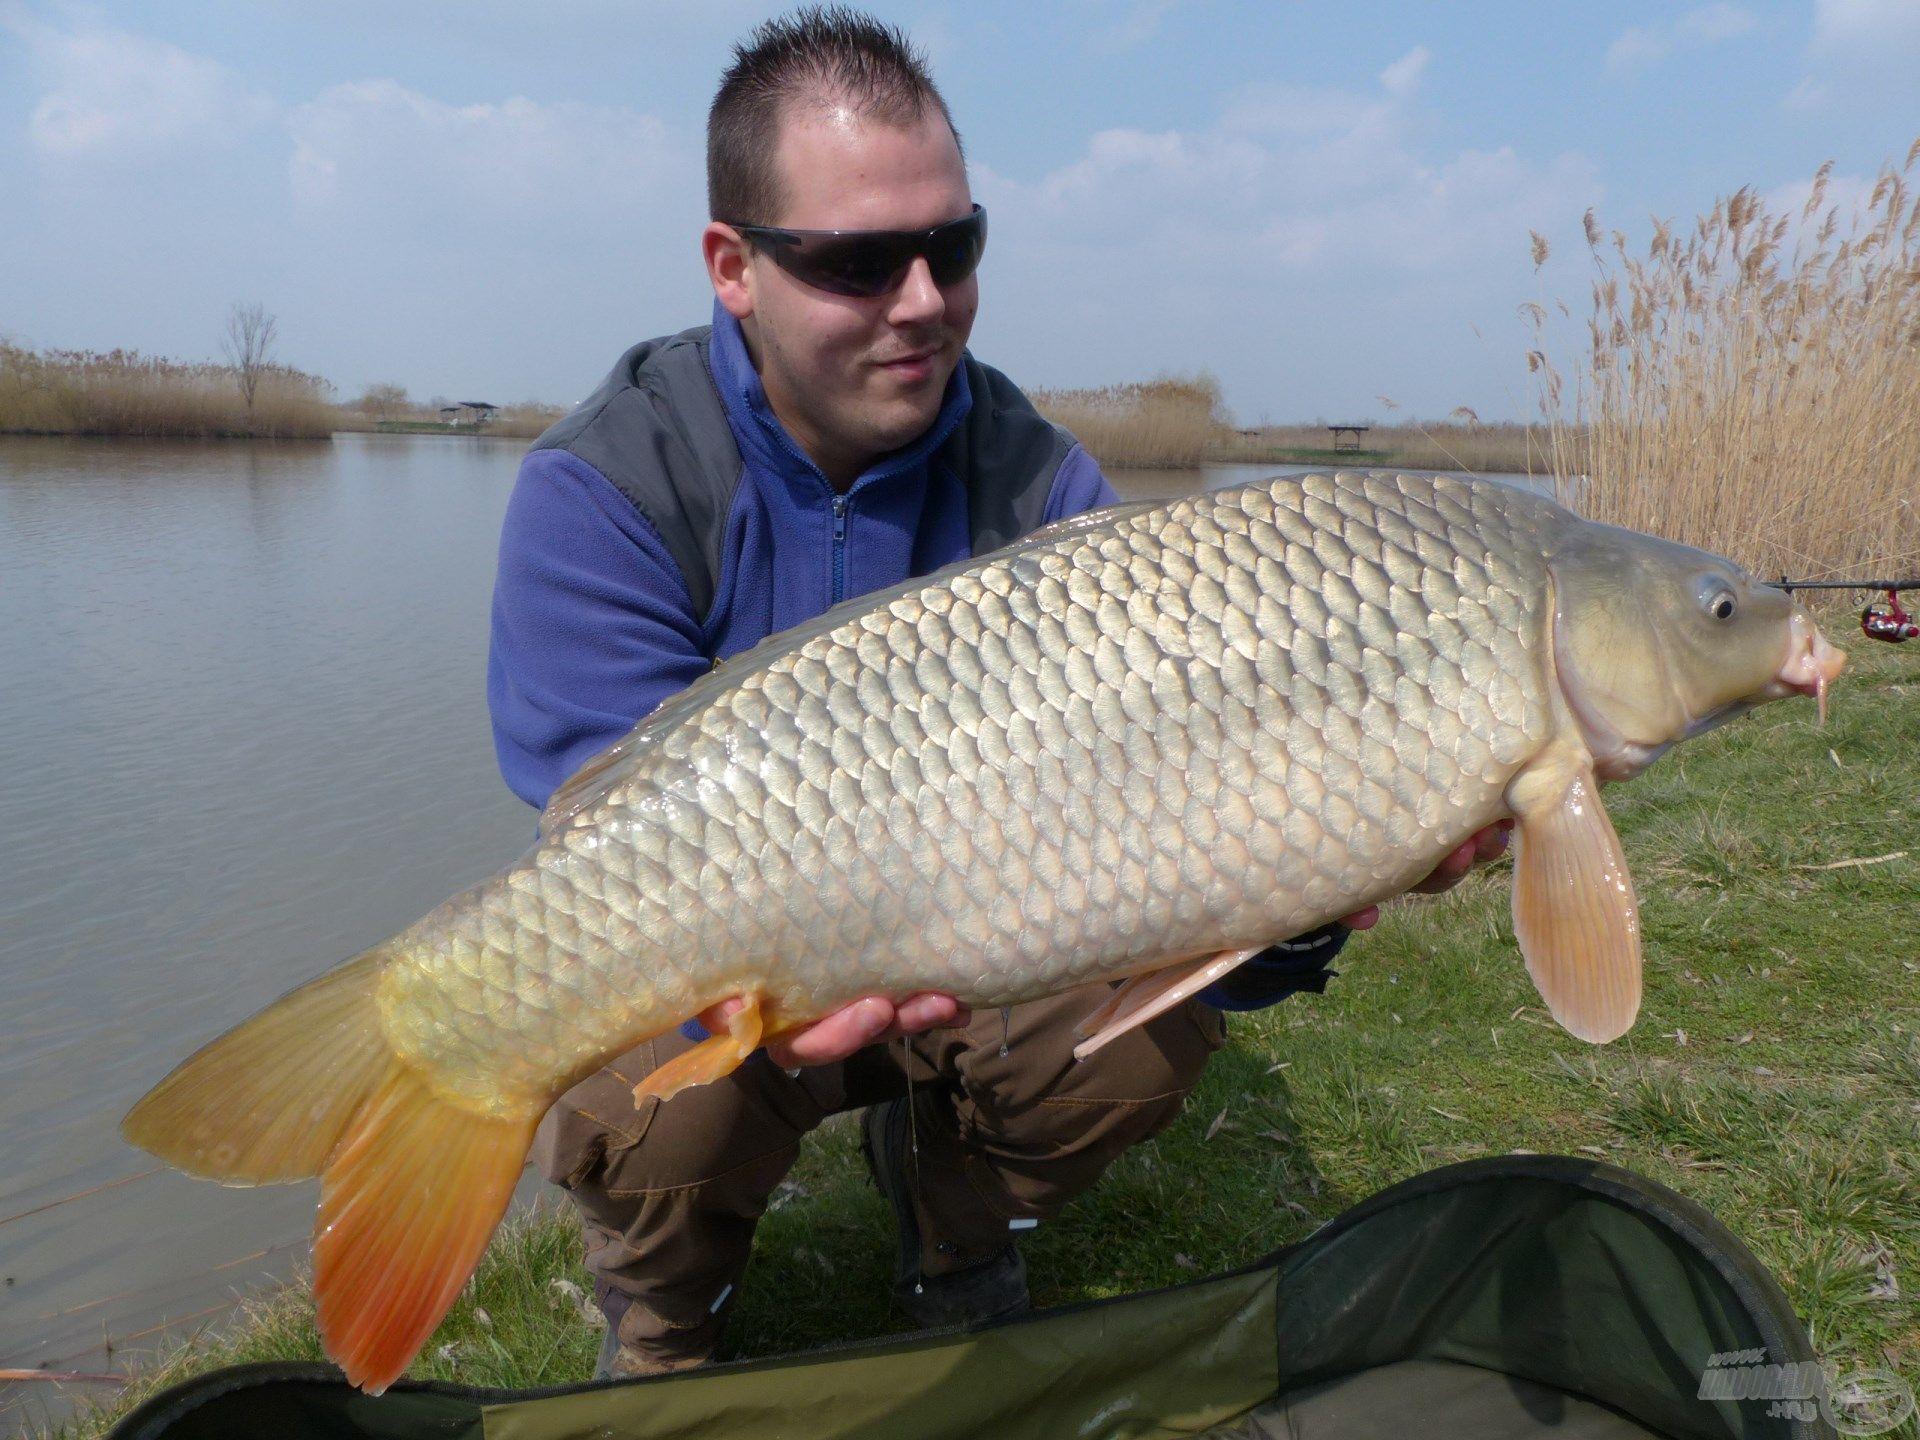 Jóleső érzés volt a tavaszi napsütésben ilyen szép halat a kezemben tartani